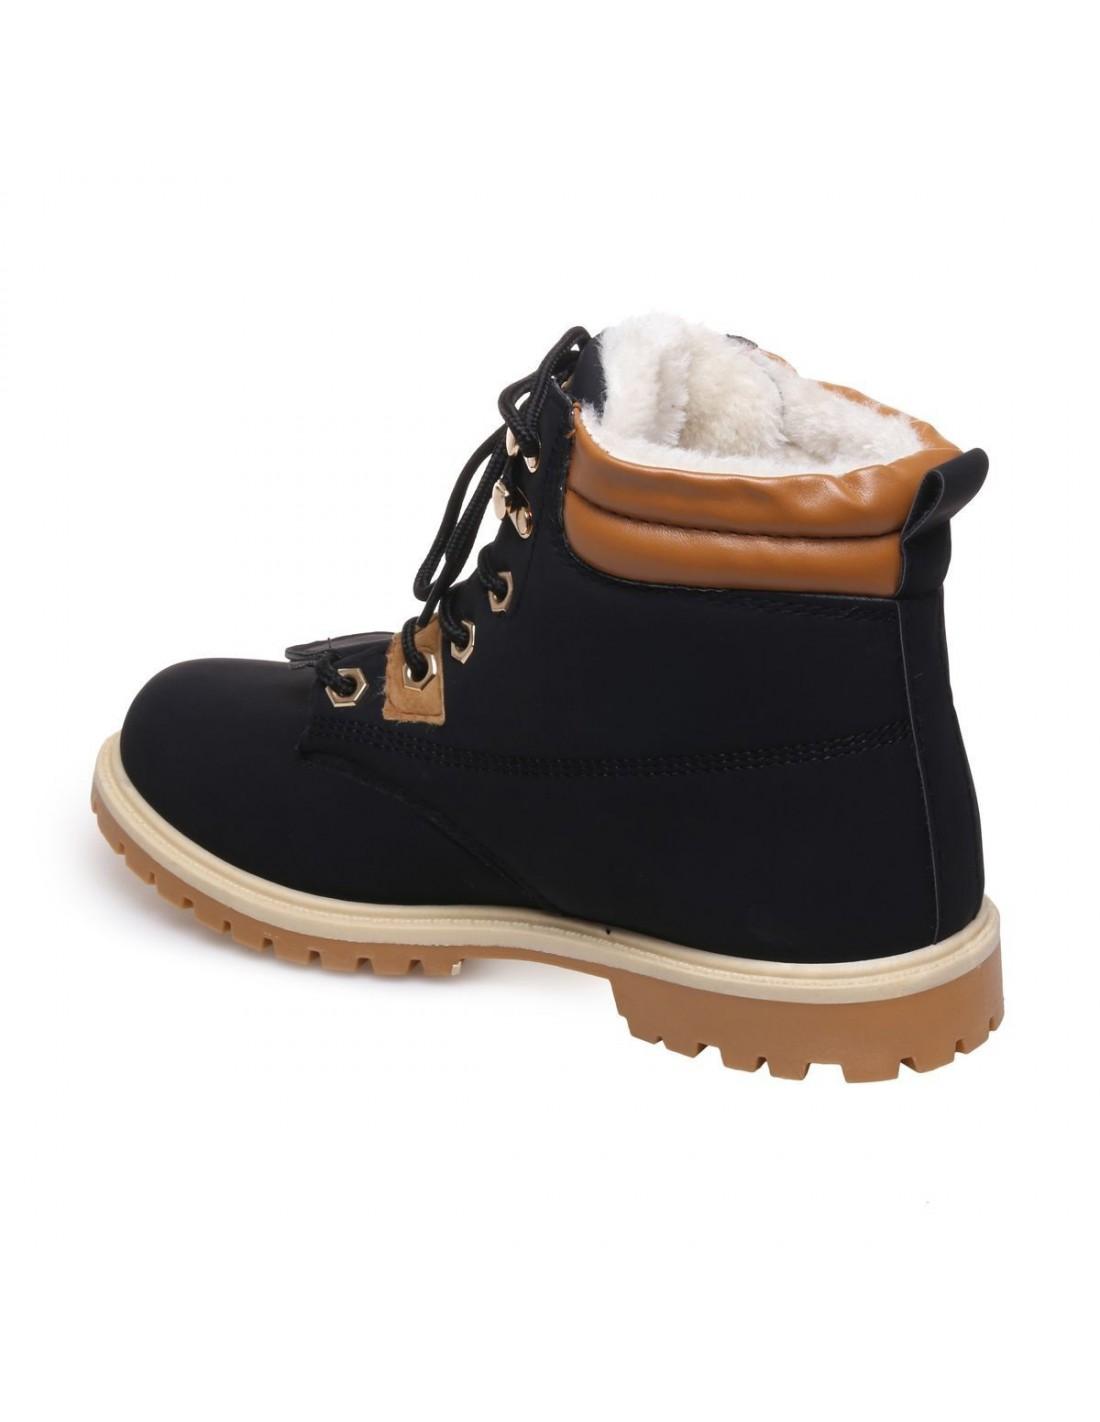 c7245dcd21d Boots fourrées femme type rangers noires empiècement simili cuir camel